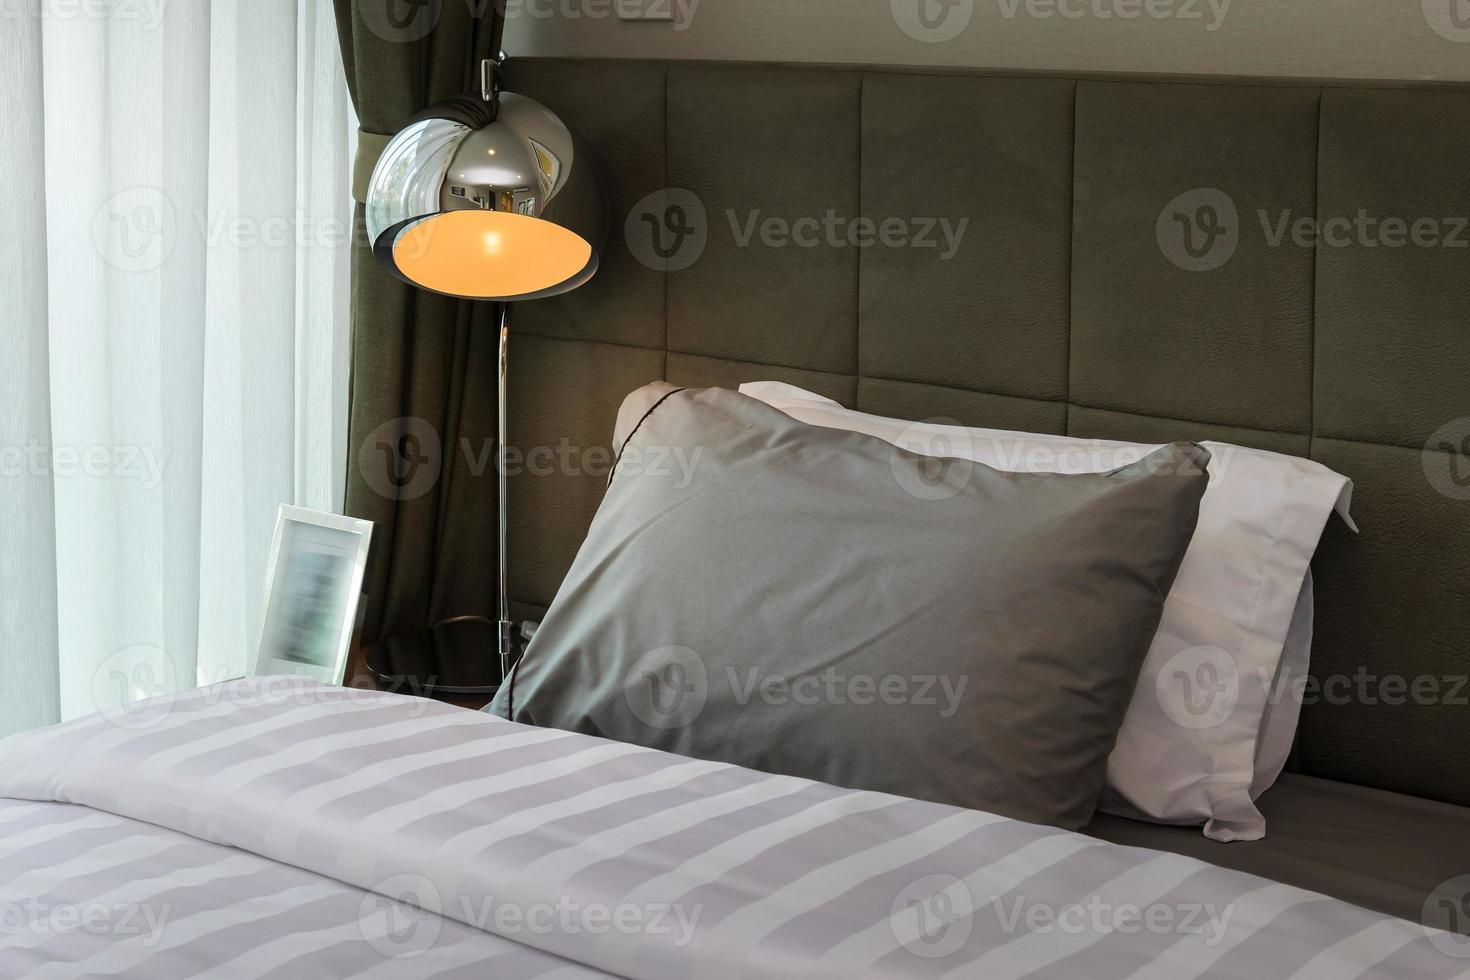 Schreibtischlampe aus Metall und graues Kissen auf dem Bett foto